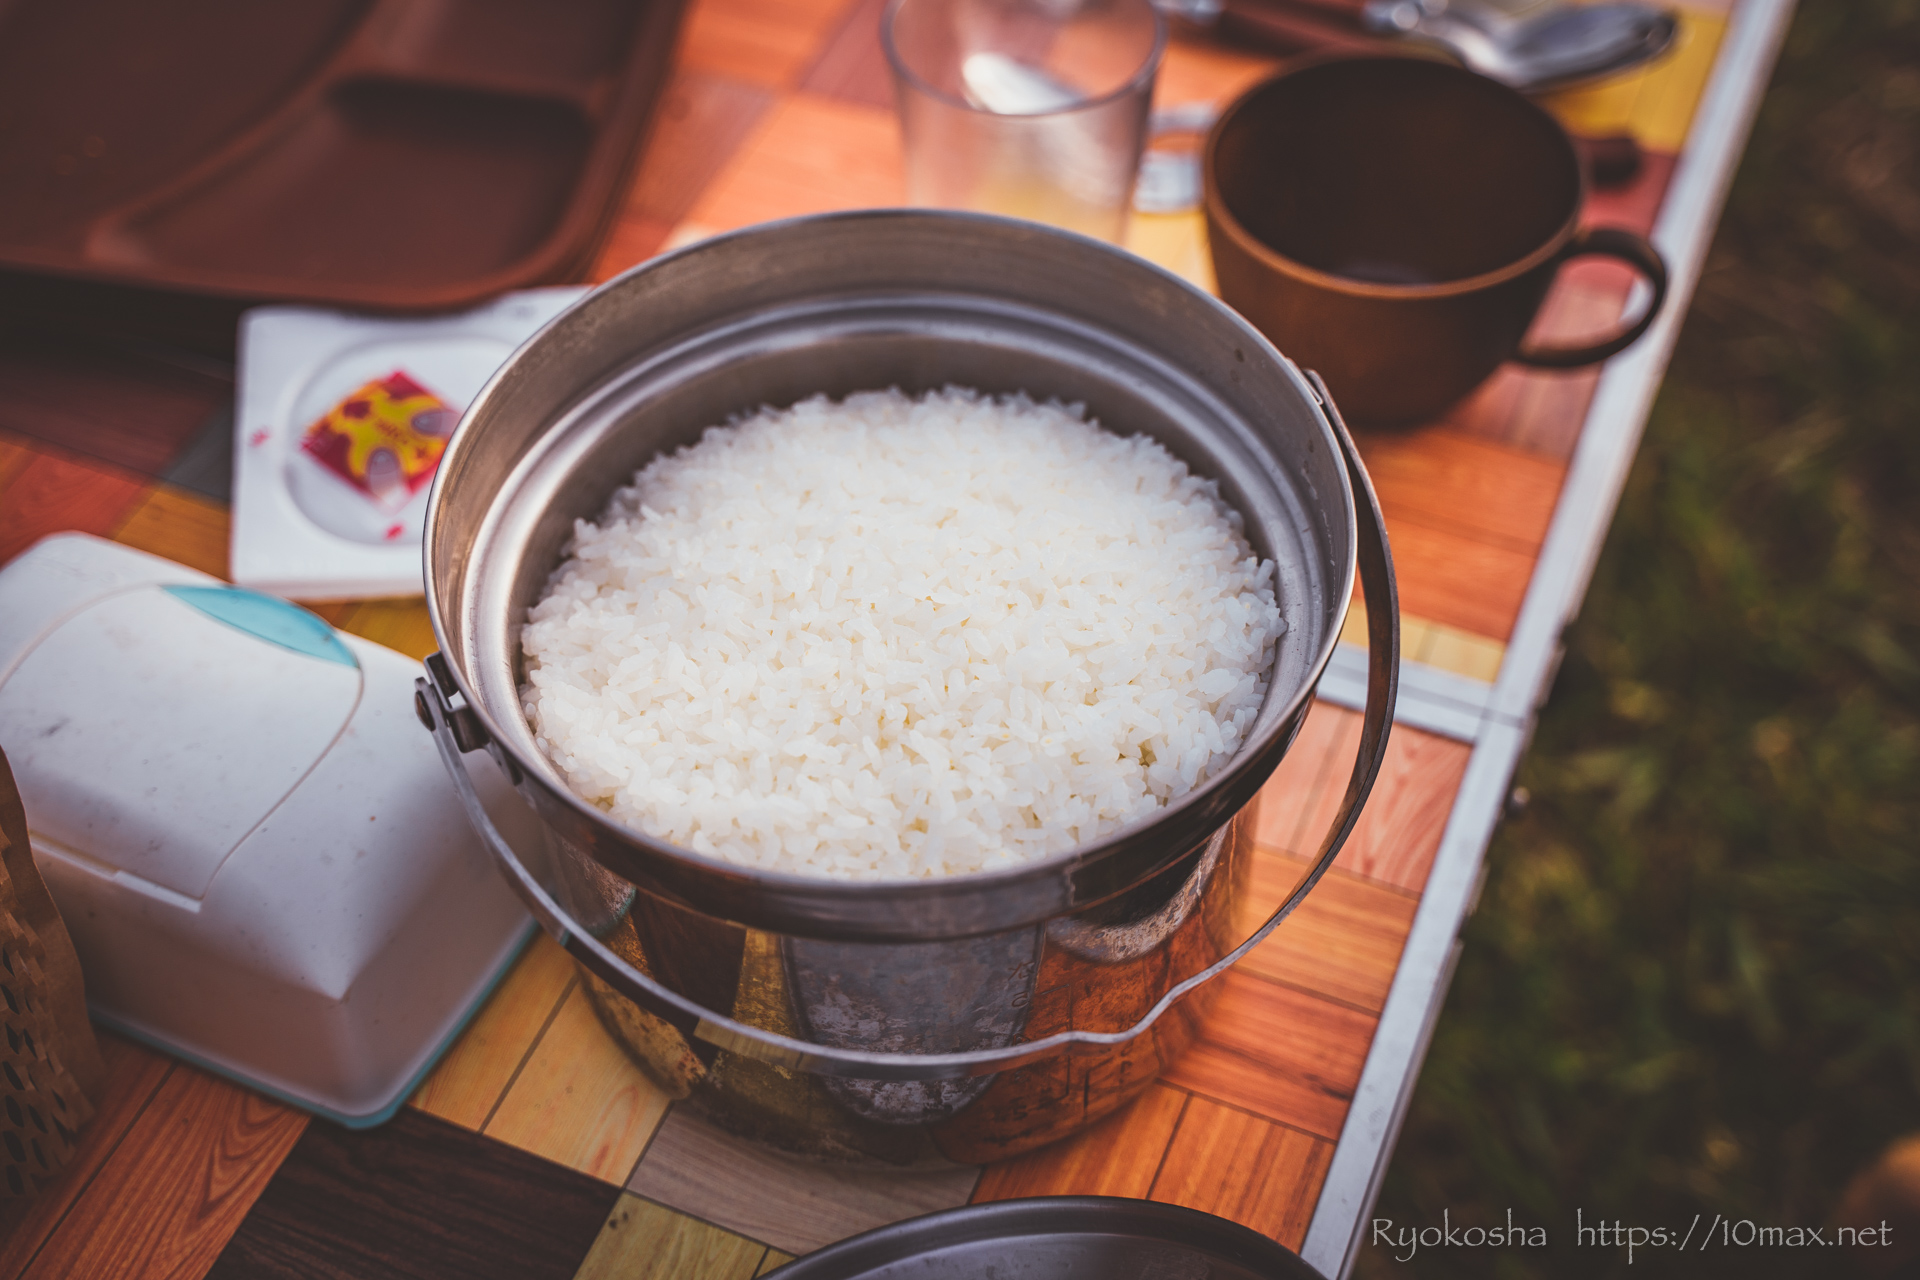 上小川キャンプ場 キャンプレポ キャンプ飯 スープカレー